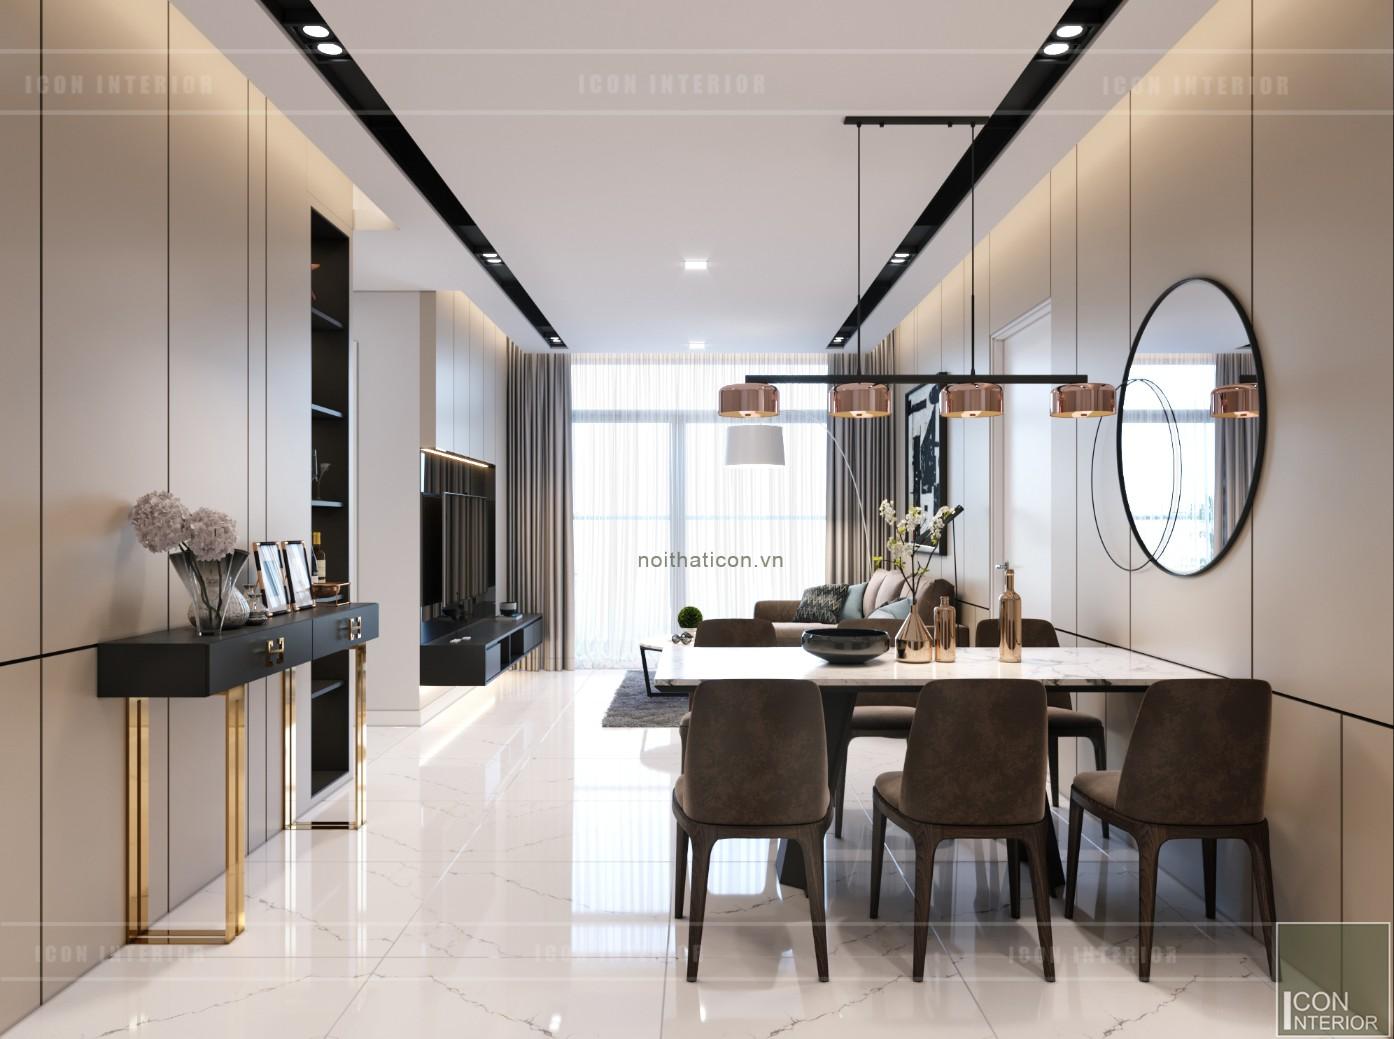 thiết kế nội thất căn hộ chung cư 90m2 - Vinhomes central park